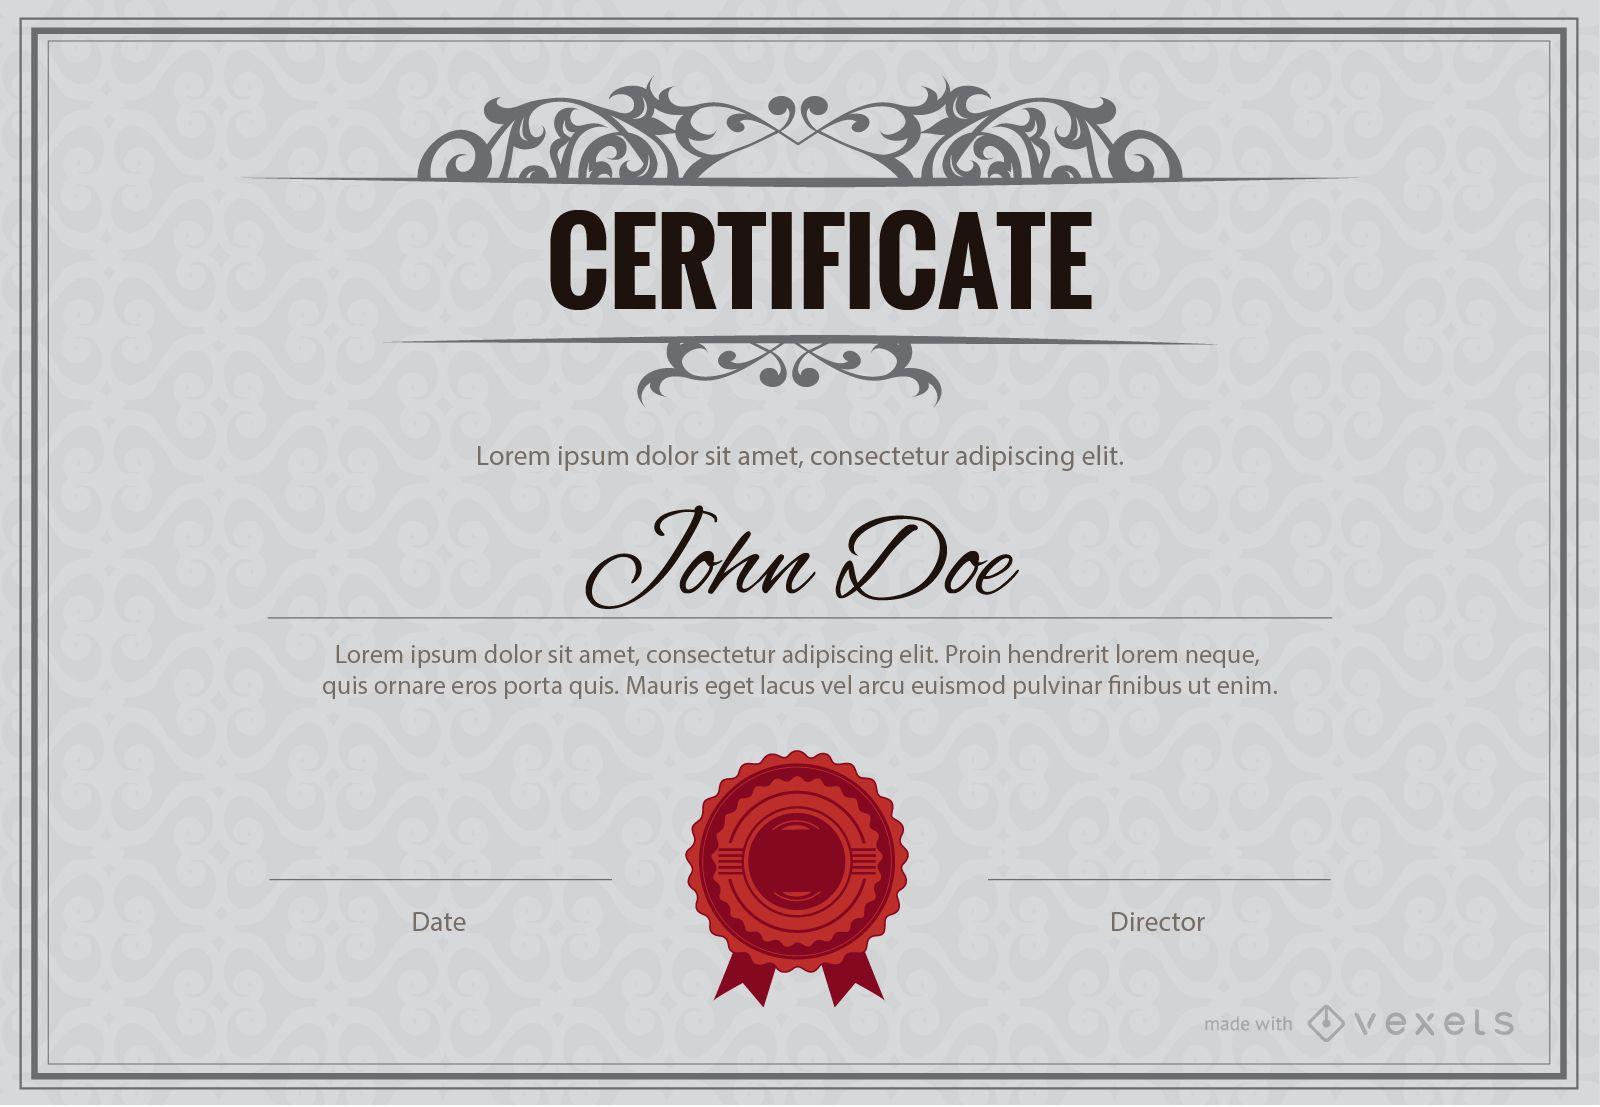 Zertifikatshersteller